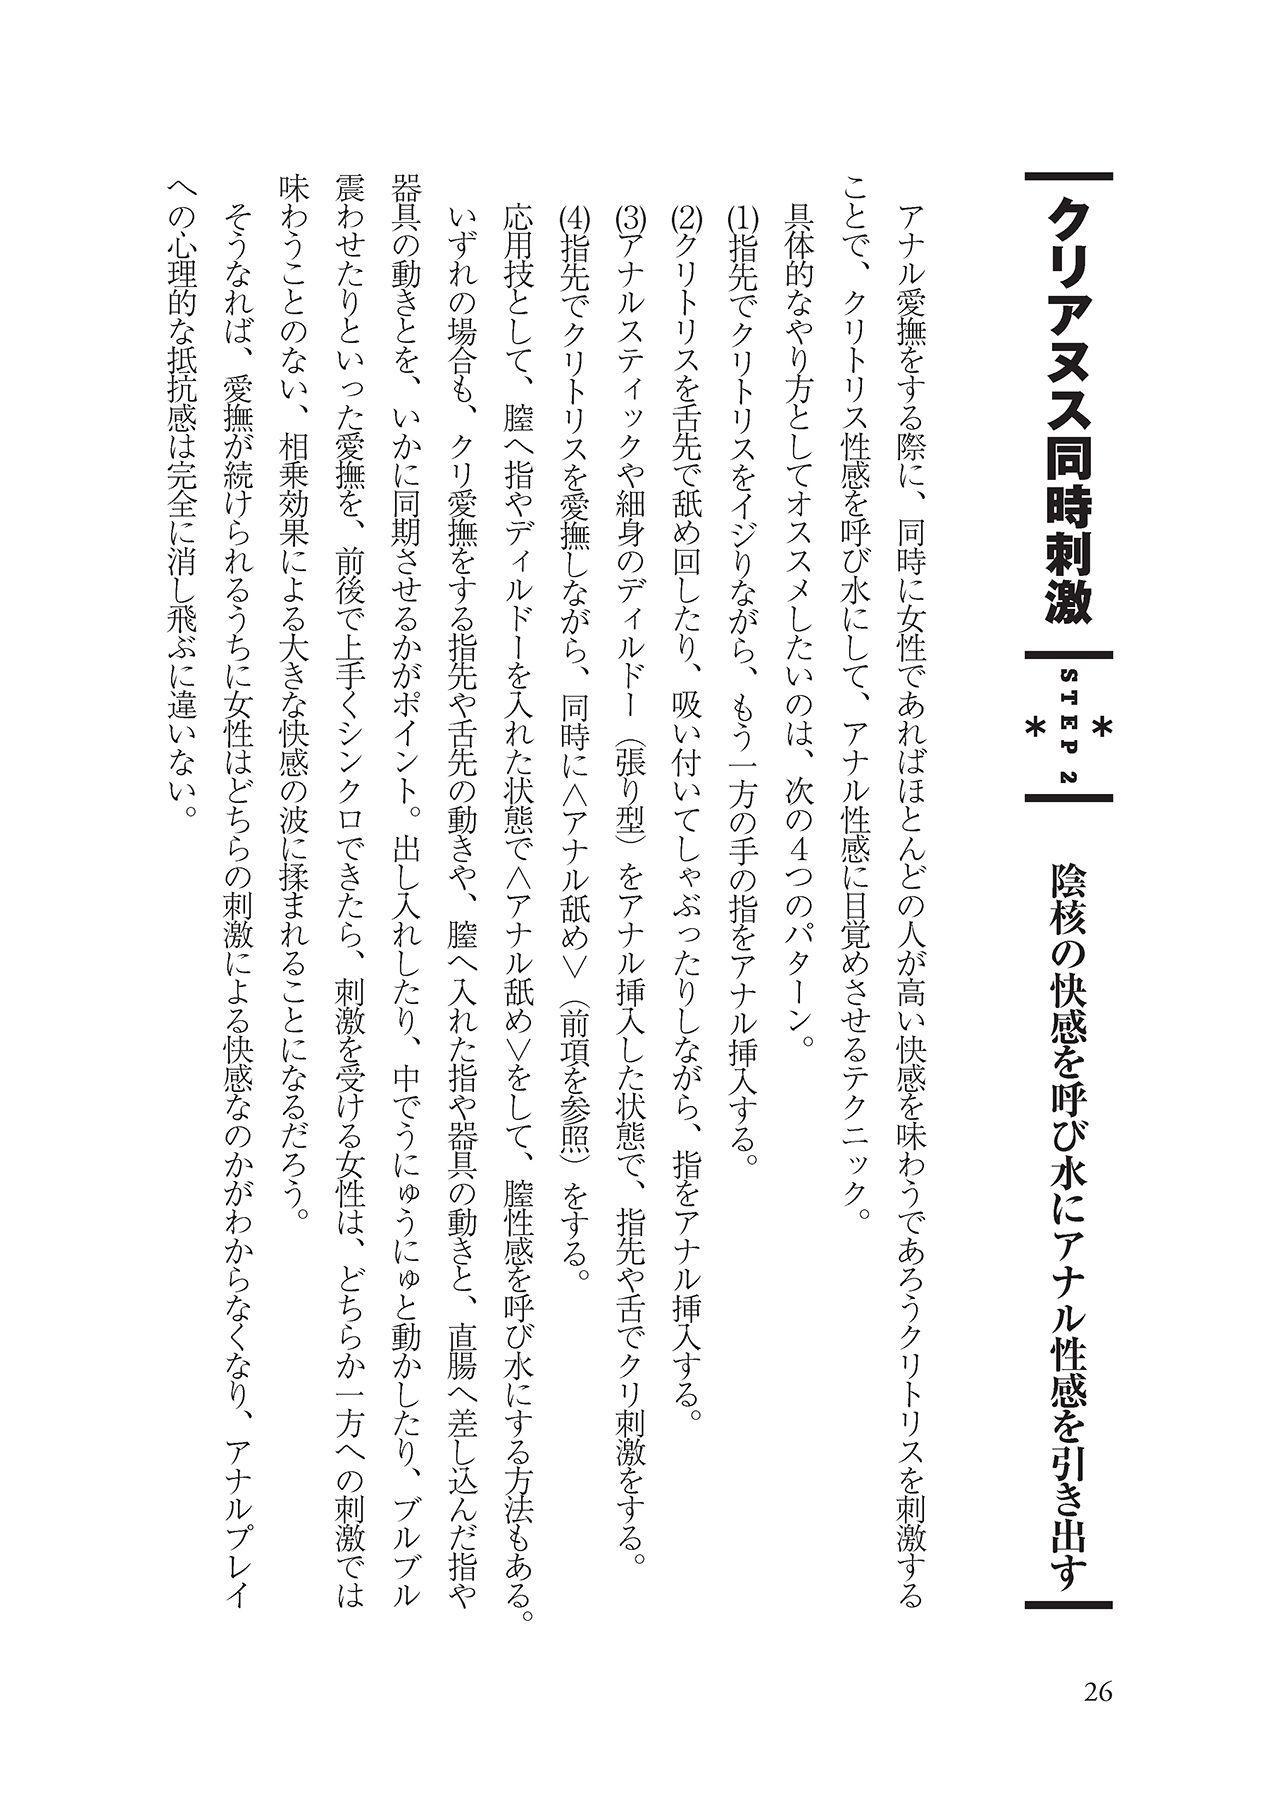 アナル性感開発・お尻エッチ 完全マニュアル 27